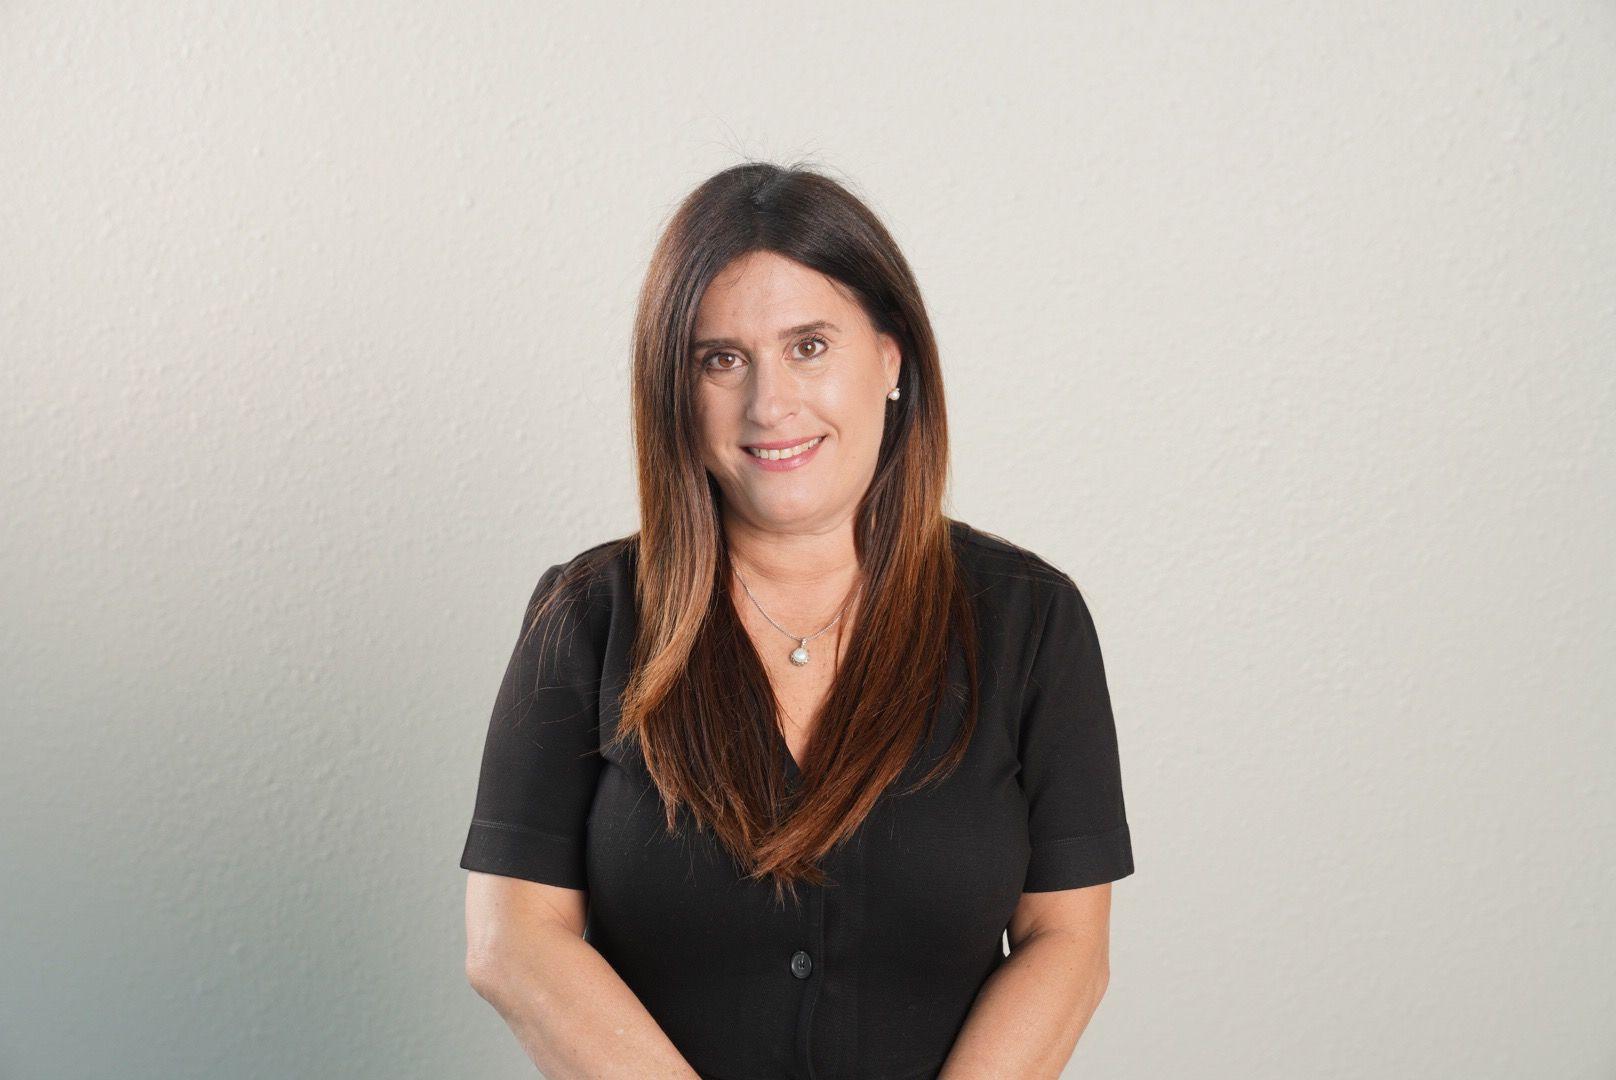 Deborah R. Beylus